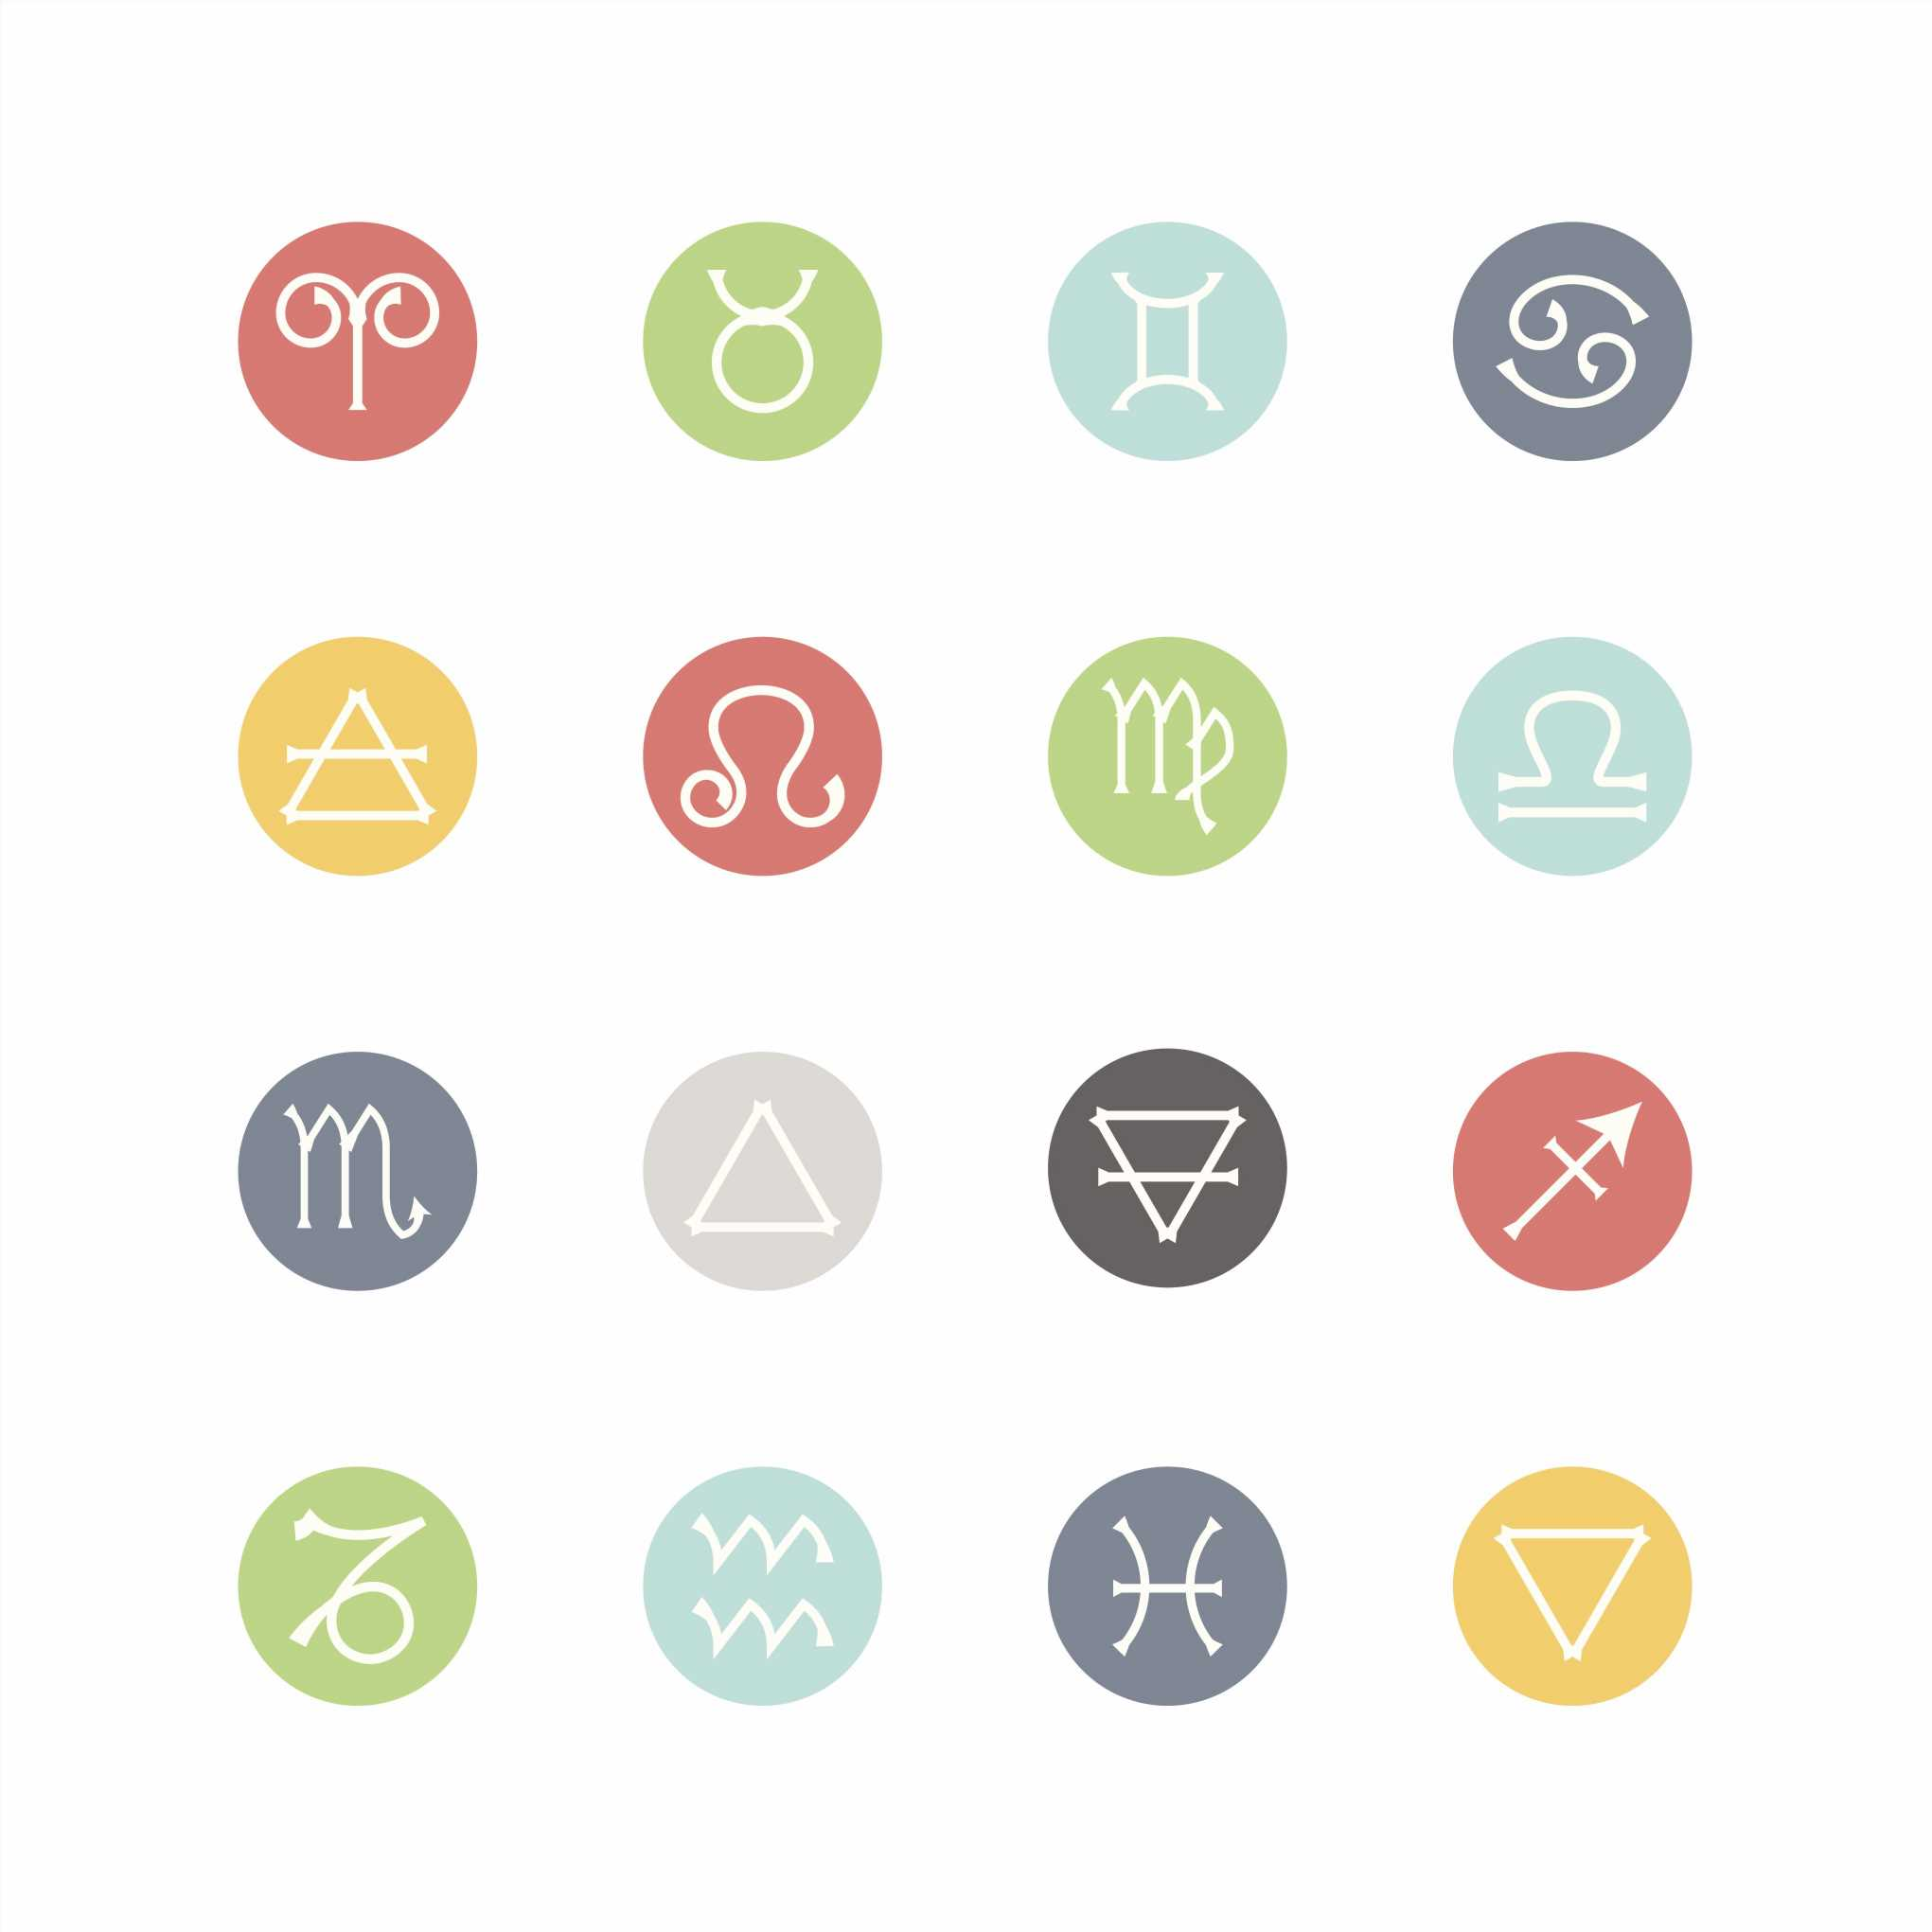 Horóscopo semanal (del 1 al 7 de marzo): descubre tu futuro según tu signo del zodiaco